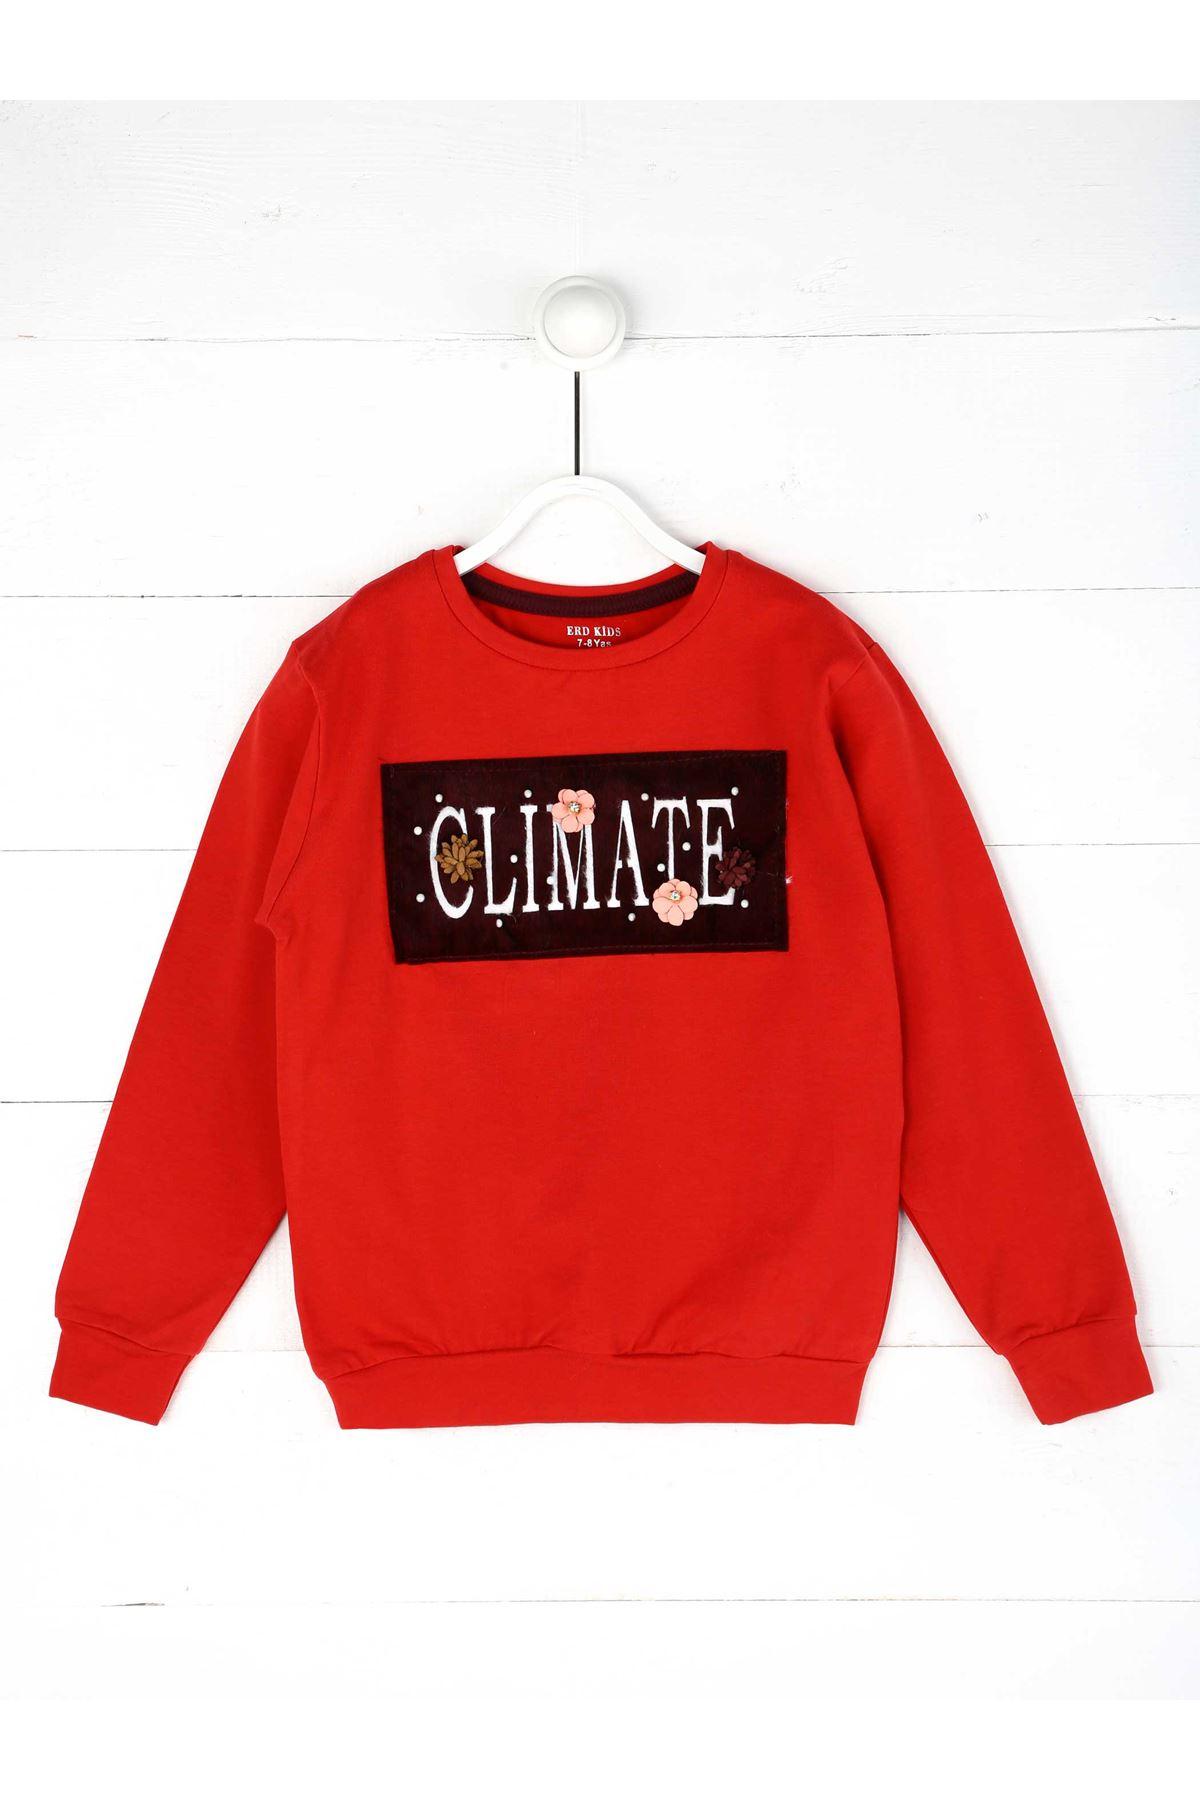 Grenadine red Seasonal Girl Child Sweatshirt